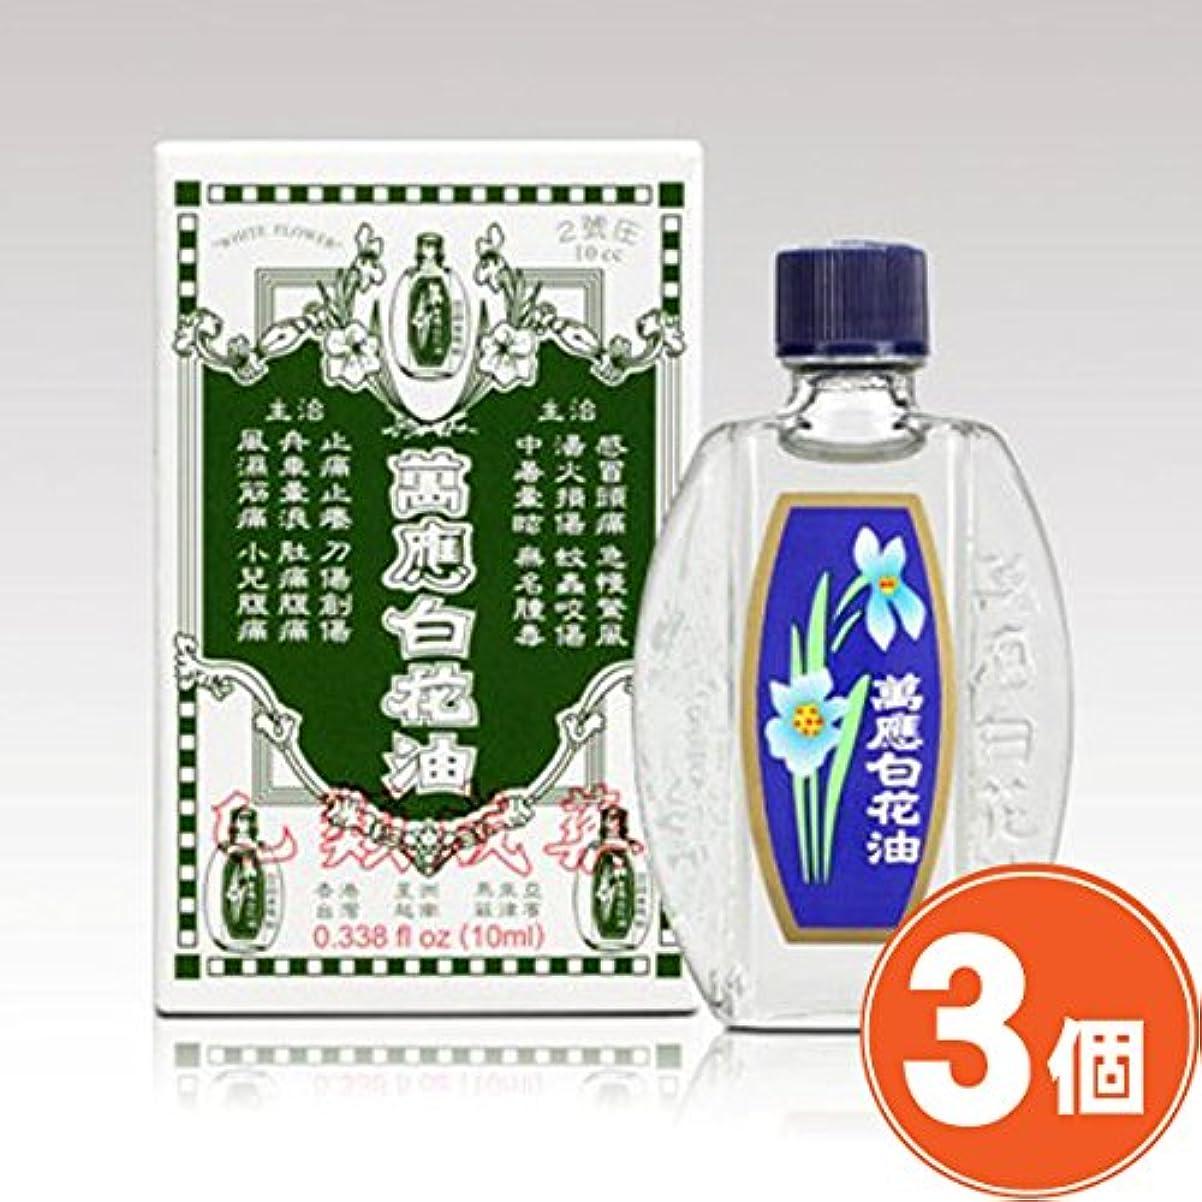 メディカルモードリン概して《萬應白花油》 台湾の万能アロマオイル 万能白花油 10ml × 3個《台湾 お土産》 [並行輸入品]